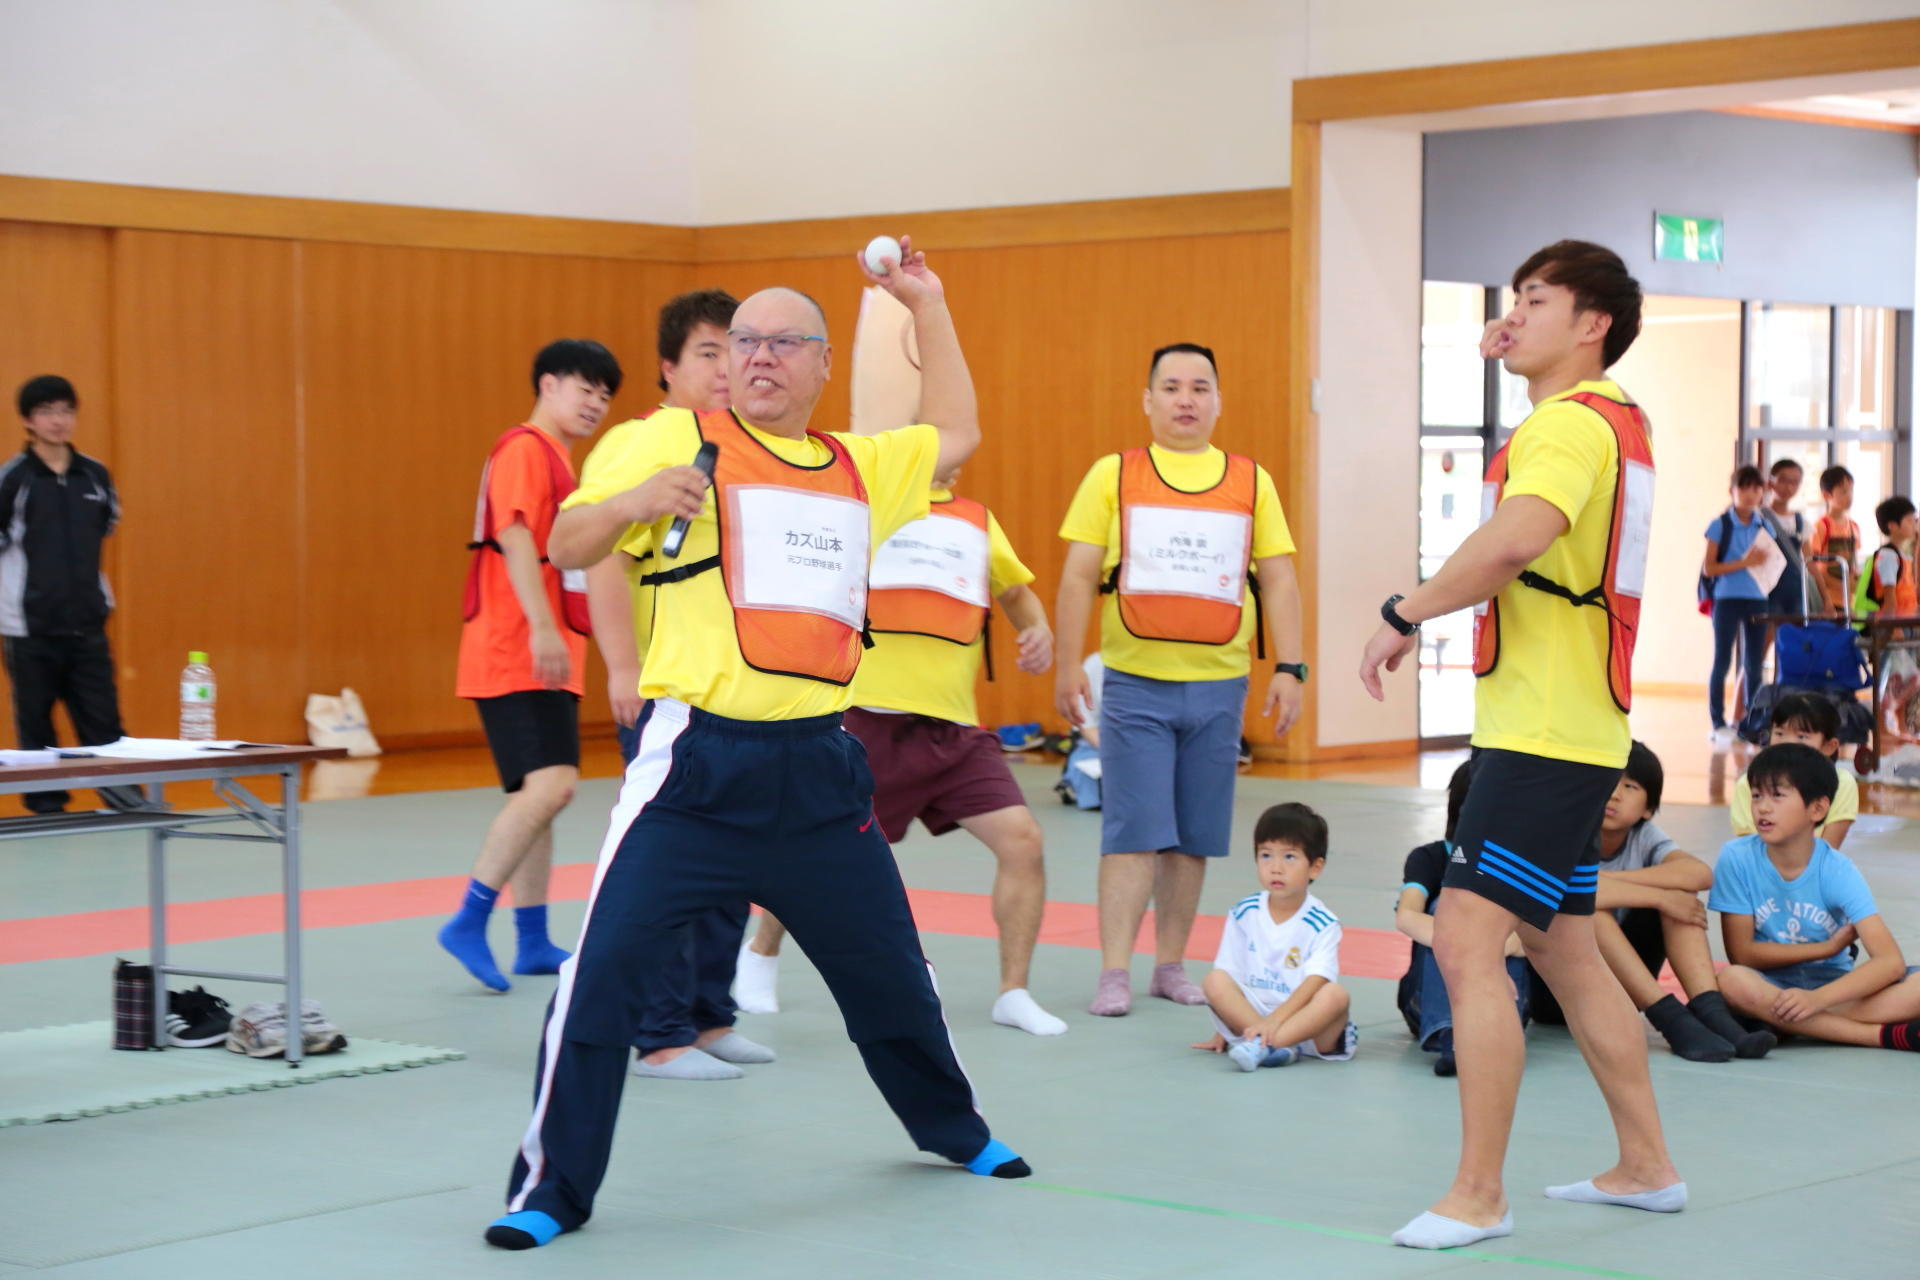 http://news.yoshimoto.co.jp/20171012101903-ecb1e534add72a961831a4ba2abfb0c2fd8e8c67.jpg